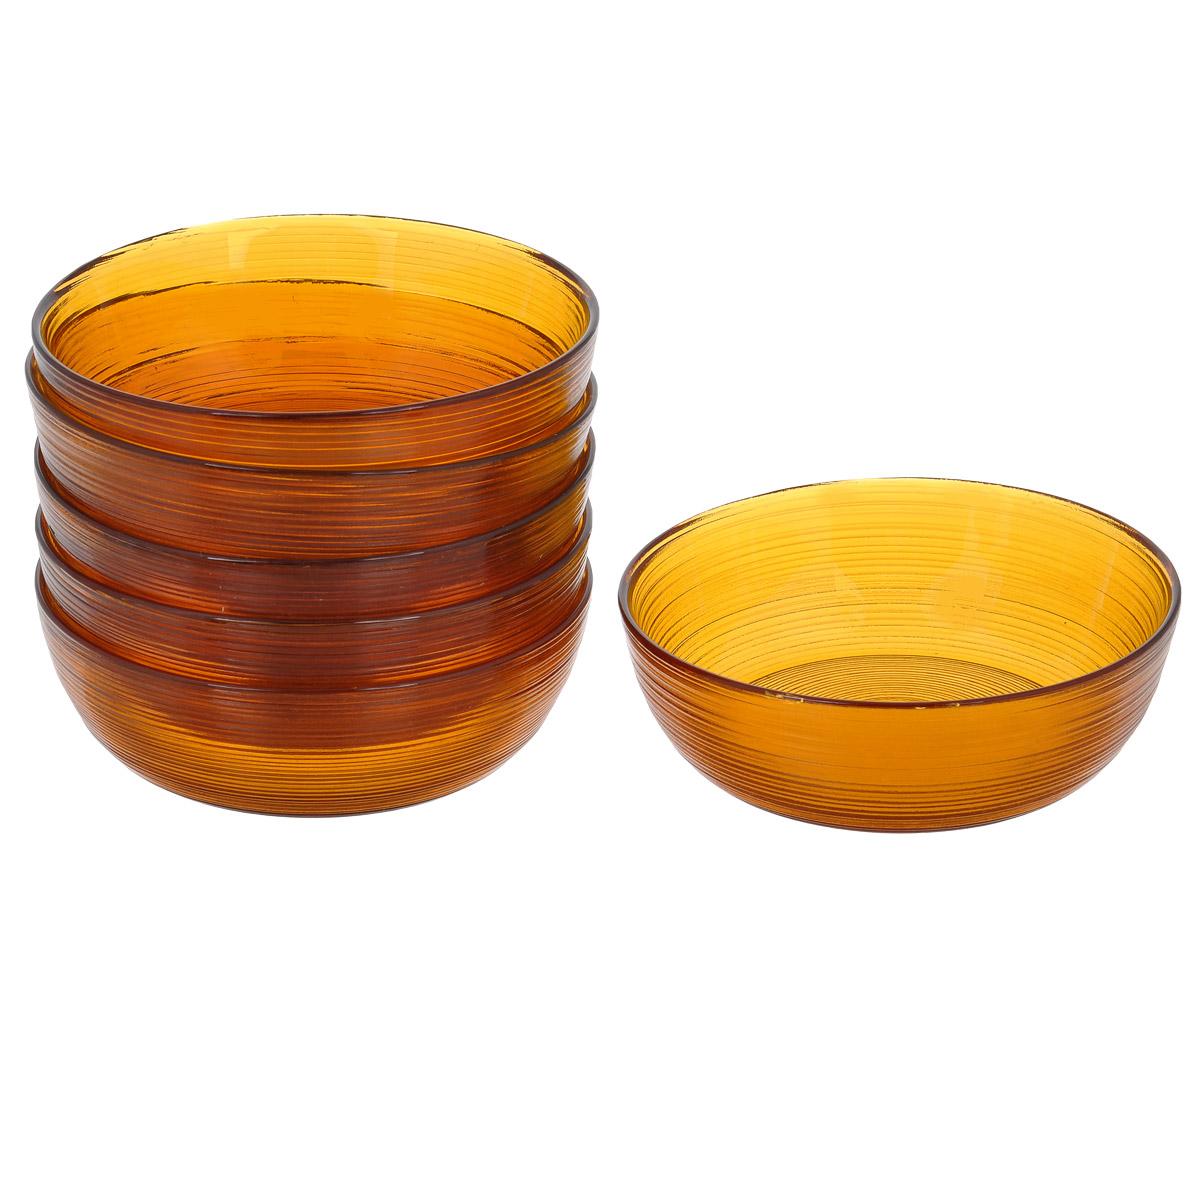 Набор салатников, цвет: коричневый, диаметр 13 см, 6 шт. Кт 1301213012Набор салатников, выполненный из стекла, будет уместен на любой кухне и понравится каждой хозяйке. В набор входят шесть салатников. Внешняя сторона салатника имеет рельефную поверхность. Изделия сочетают в себе изысканный дизайн с максимальной функциональностью. Такой набор салатников придется по вкусу и ценителям классики, и тем, кто предпочитает утонченность и изящность.